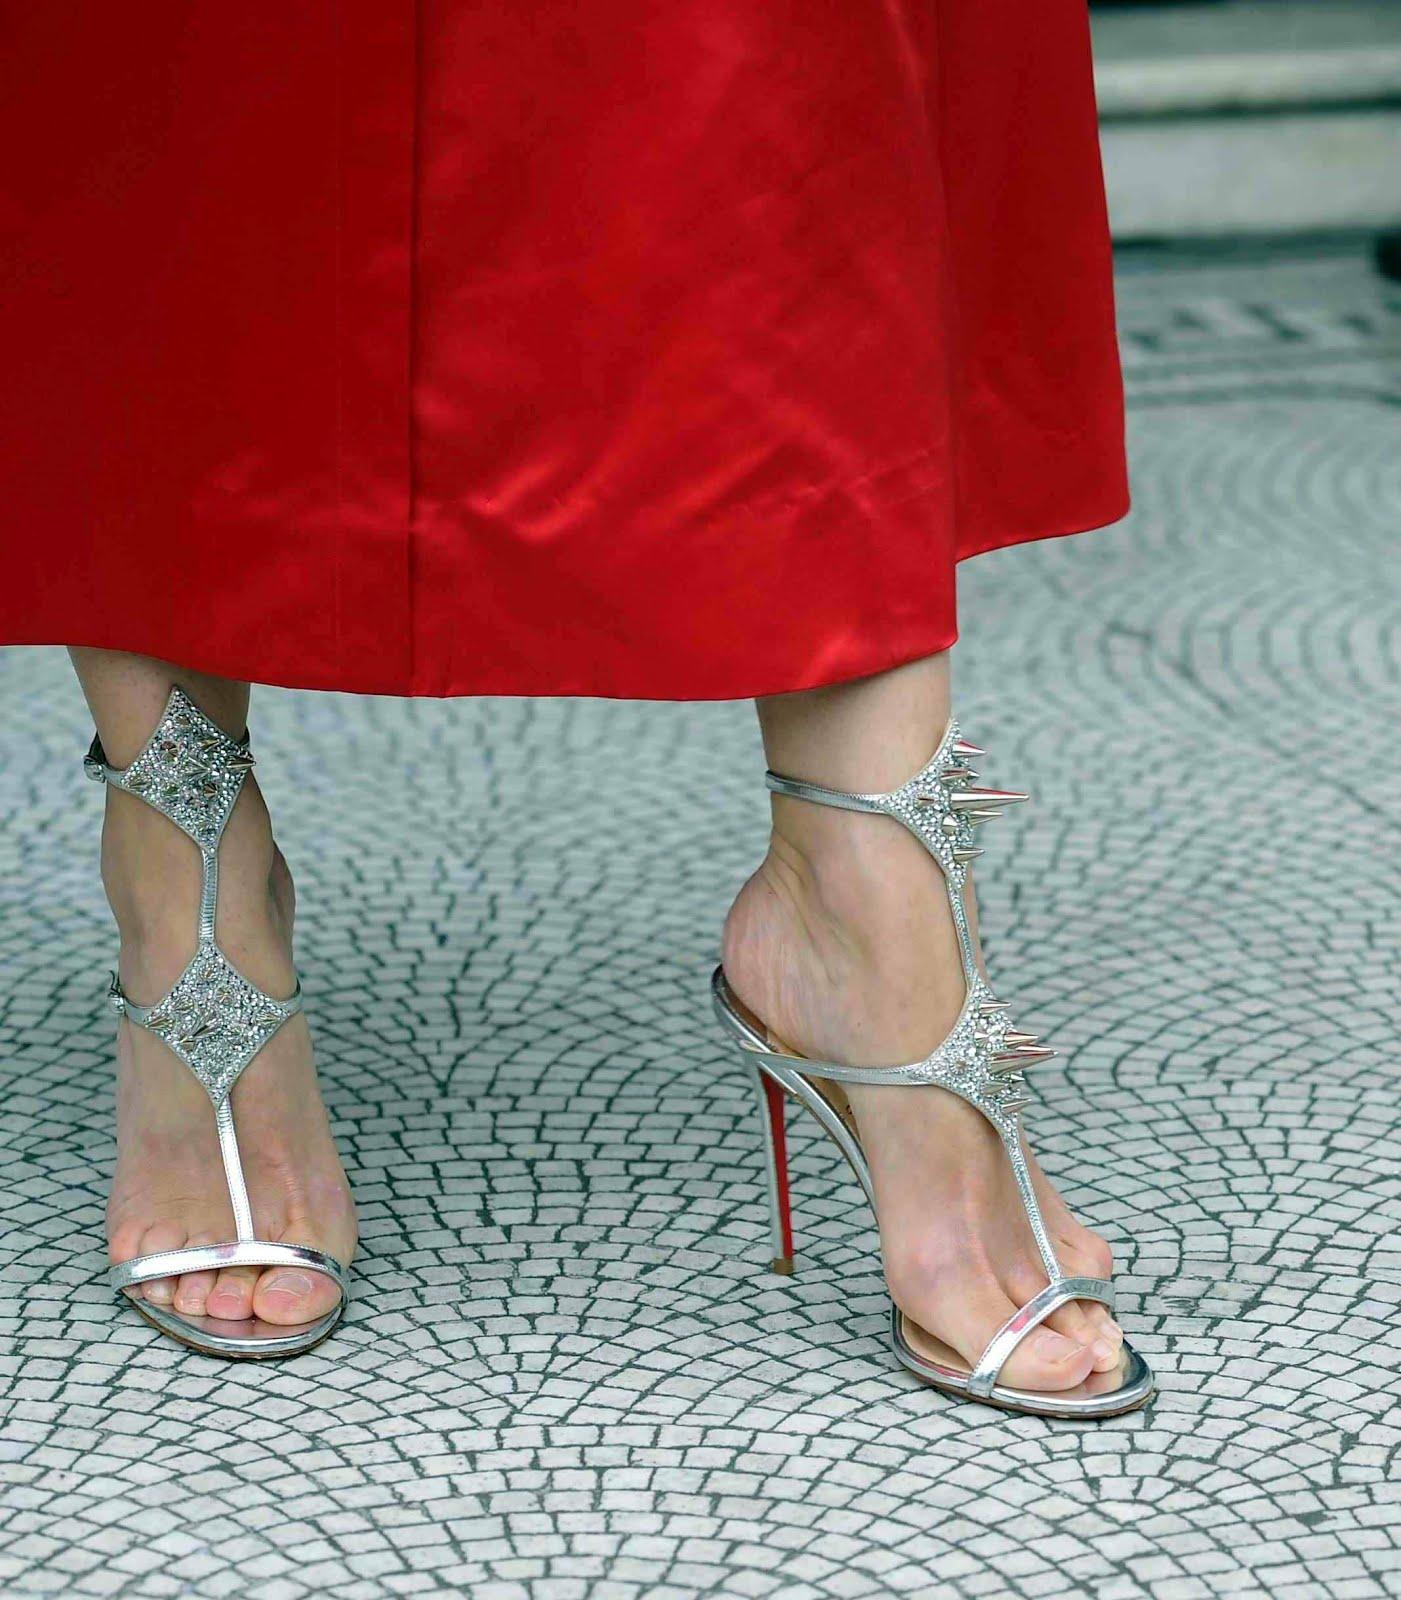 http://3.bp.blogspot.com/-XTiPir4CevU/UBA_PoIyGmI/AAAAAAAAAIg/8qy0ZWOLcnE/s1600/Gillian_Anderson_Feet_002.jpg